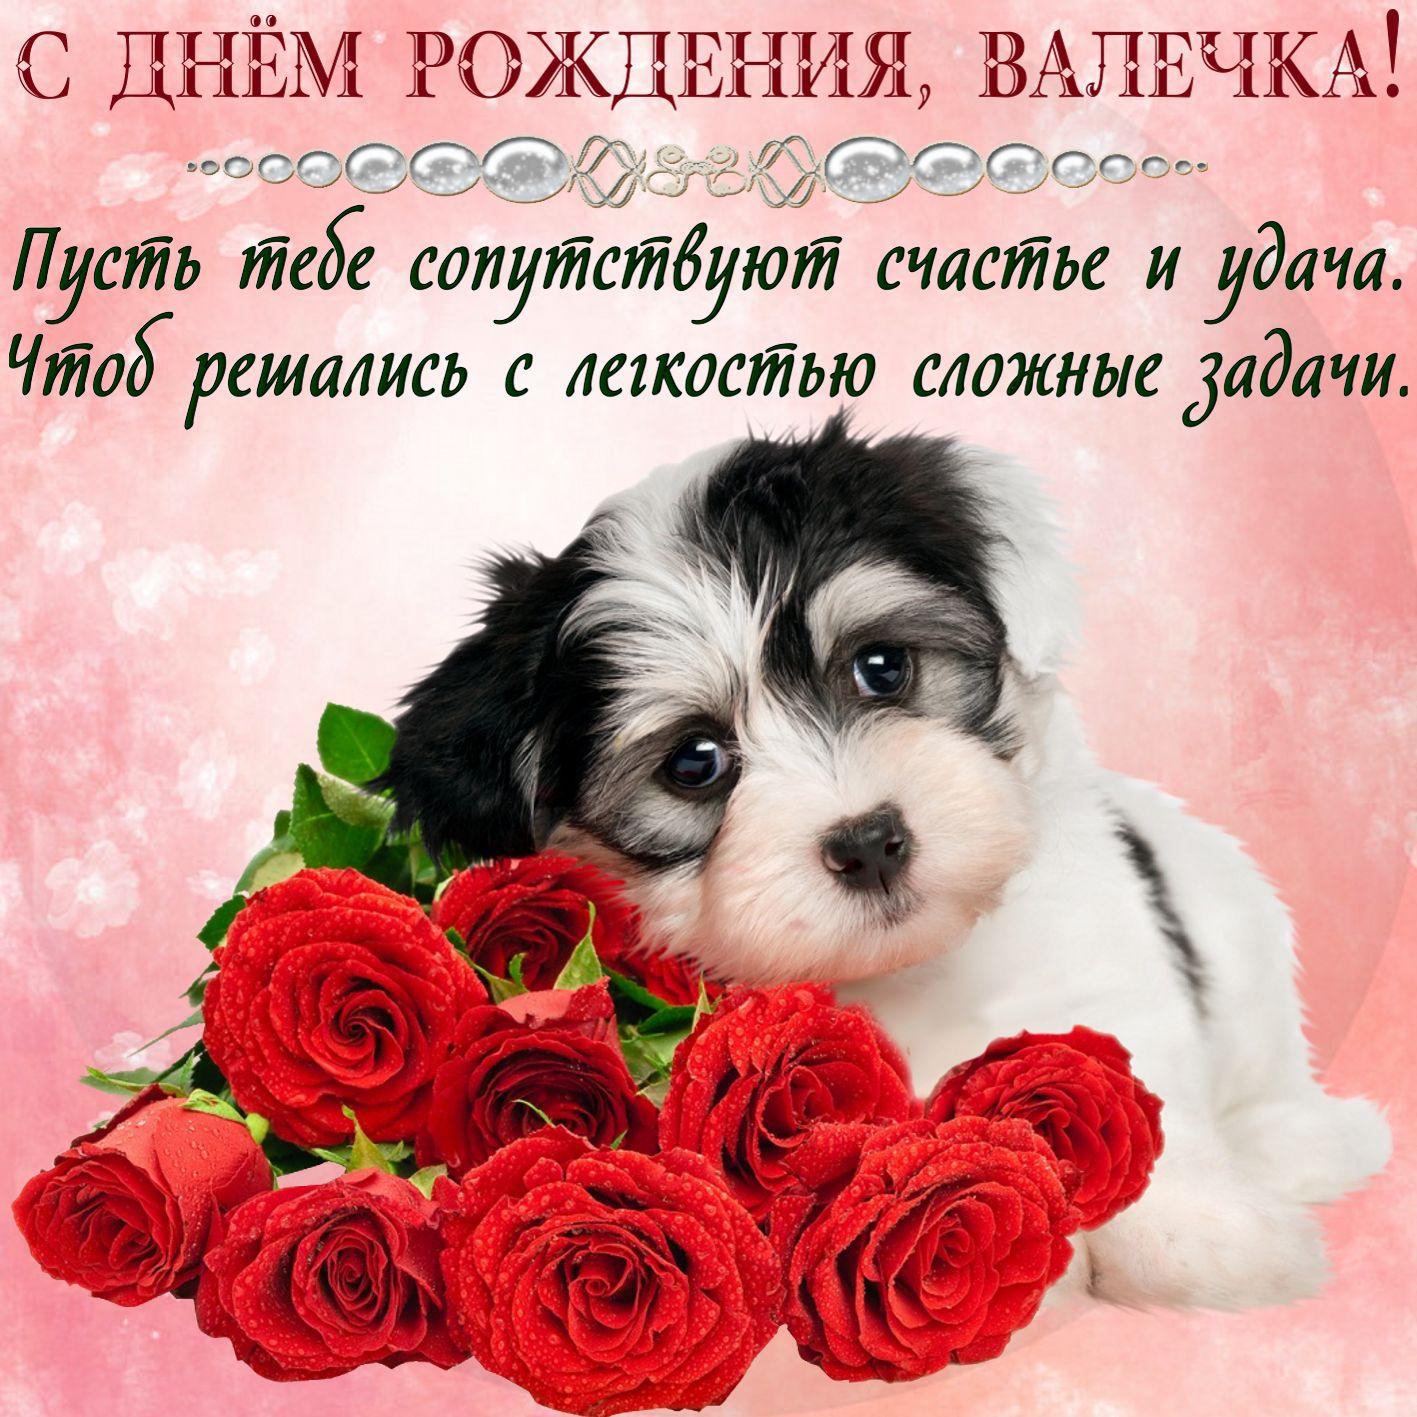 красивая поздравления подруге скучаю меня лишь забывайте